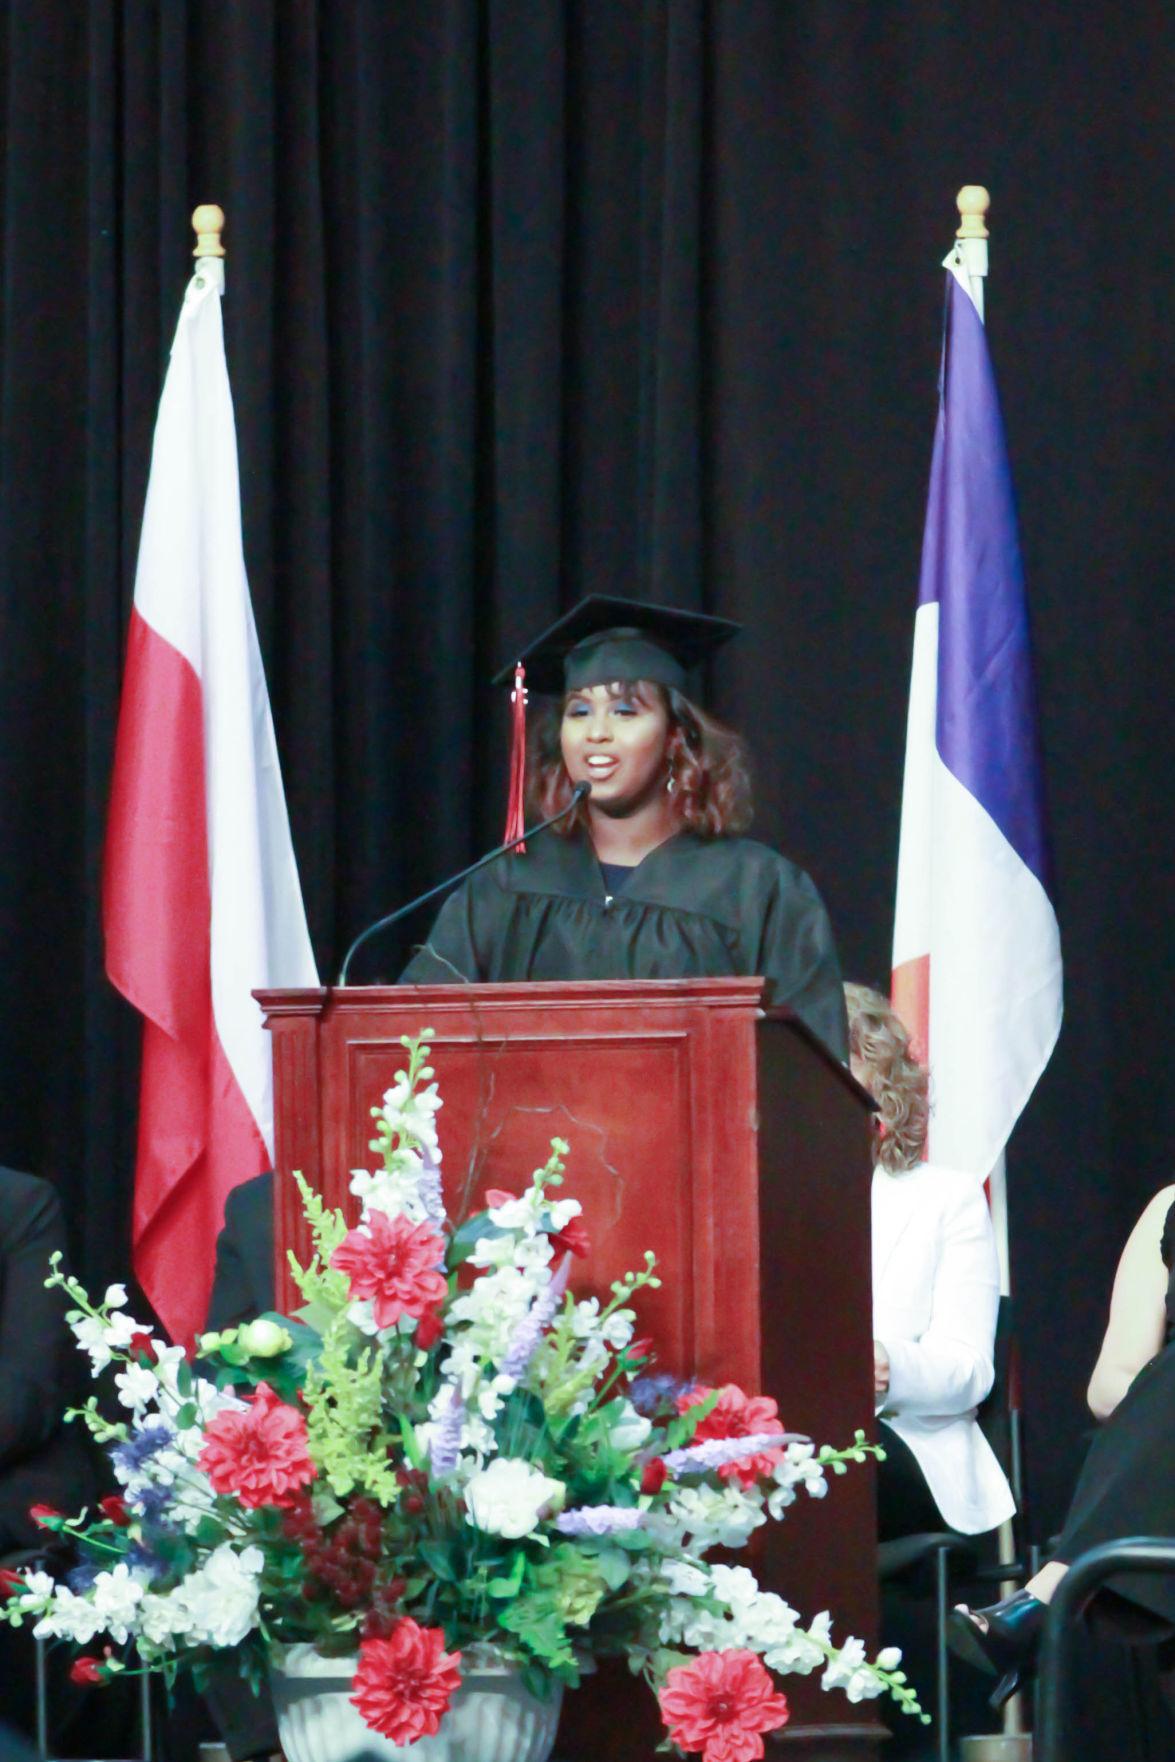 EPHS Student Emcee Muna Galbayte